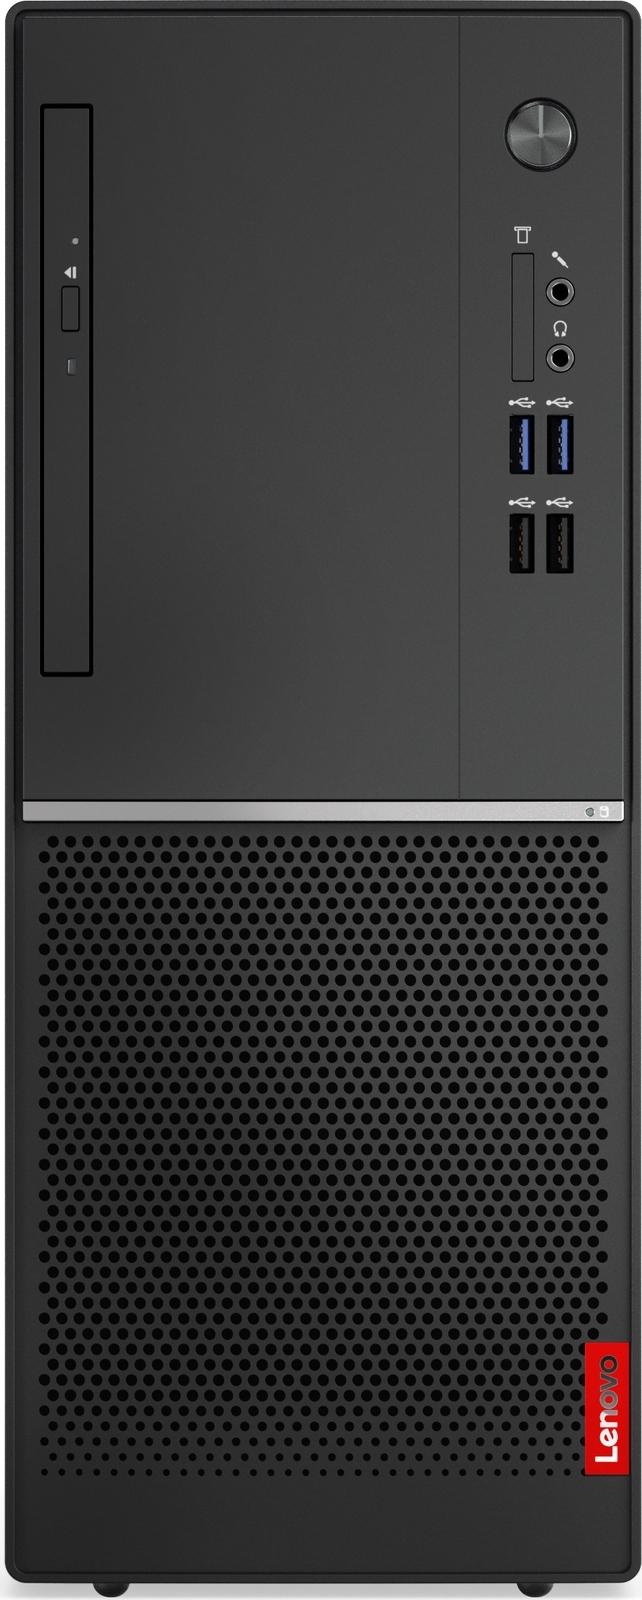 Системный блок Lenovo V520-15IKL MT, 10NKS05100, черный системный блок dell optiplex 3050 sff i3 6100 3 7ghz 4gb 500gb hd620 dvd rw linux клавиатура мышь черный 3050 0405